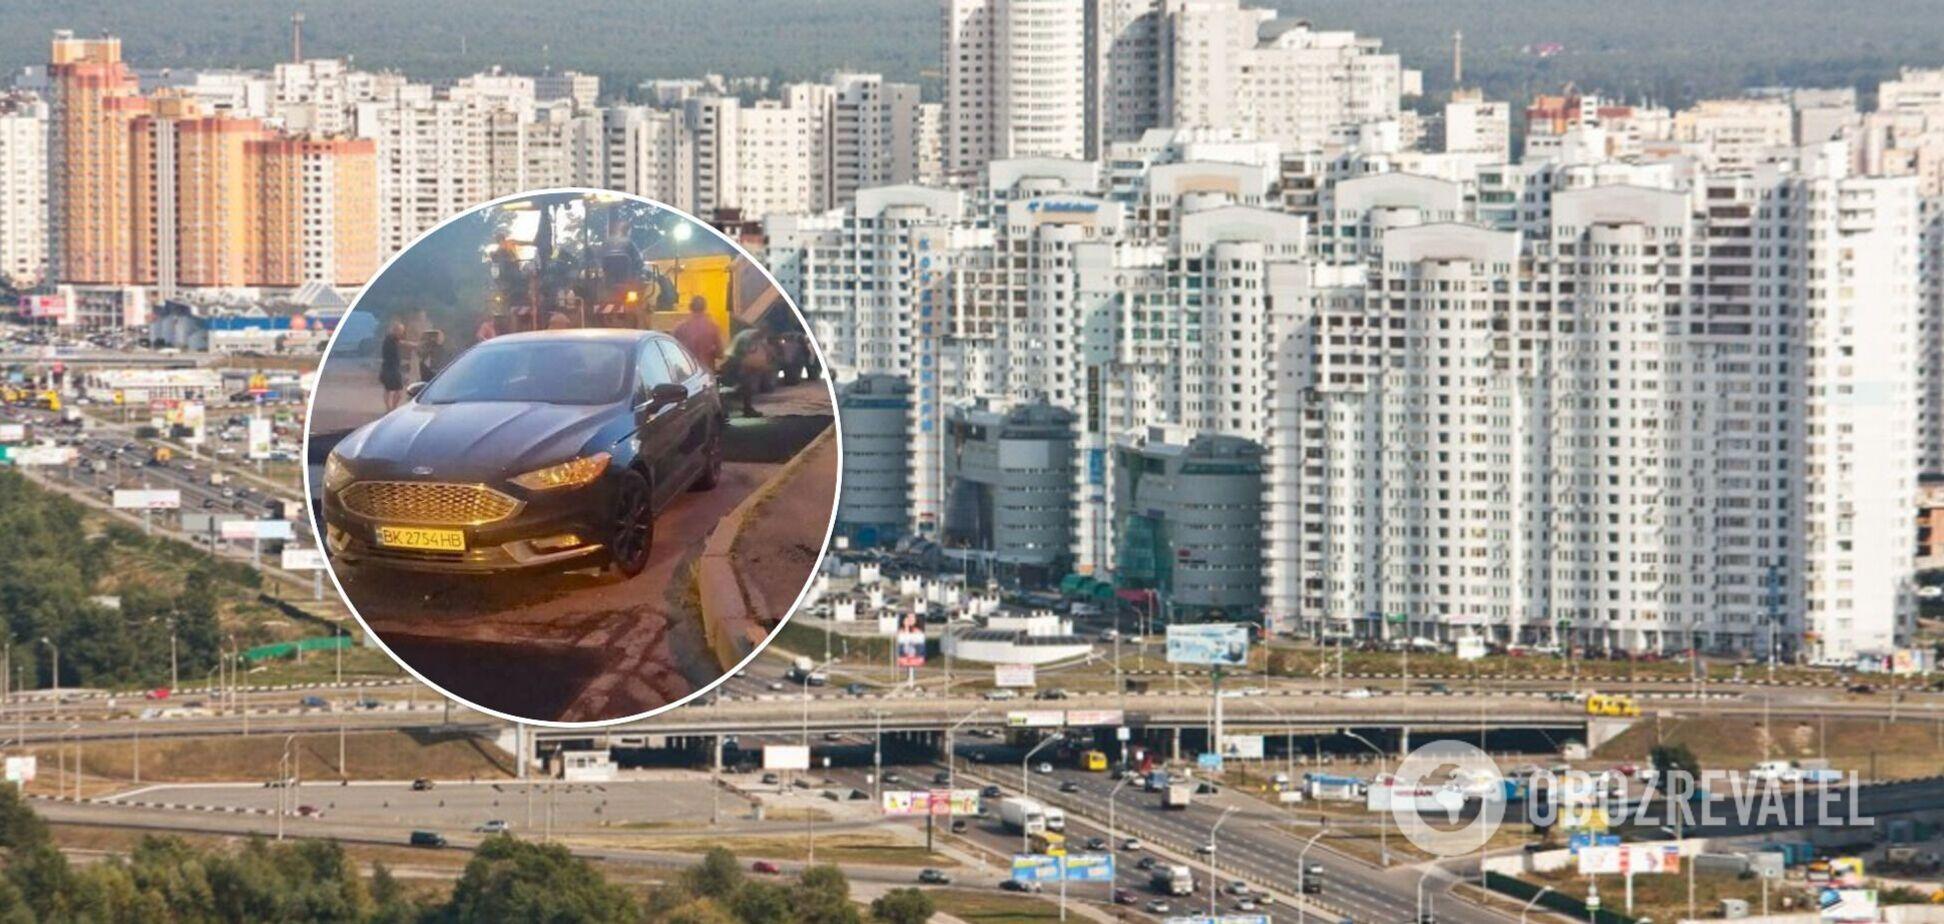 В Киеве дорожная служба уложила асфальт вокруг авто, которое 4 дня стояло на дороге